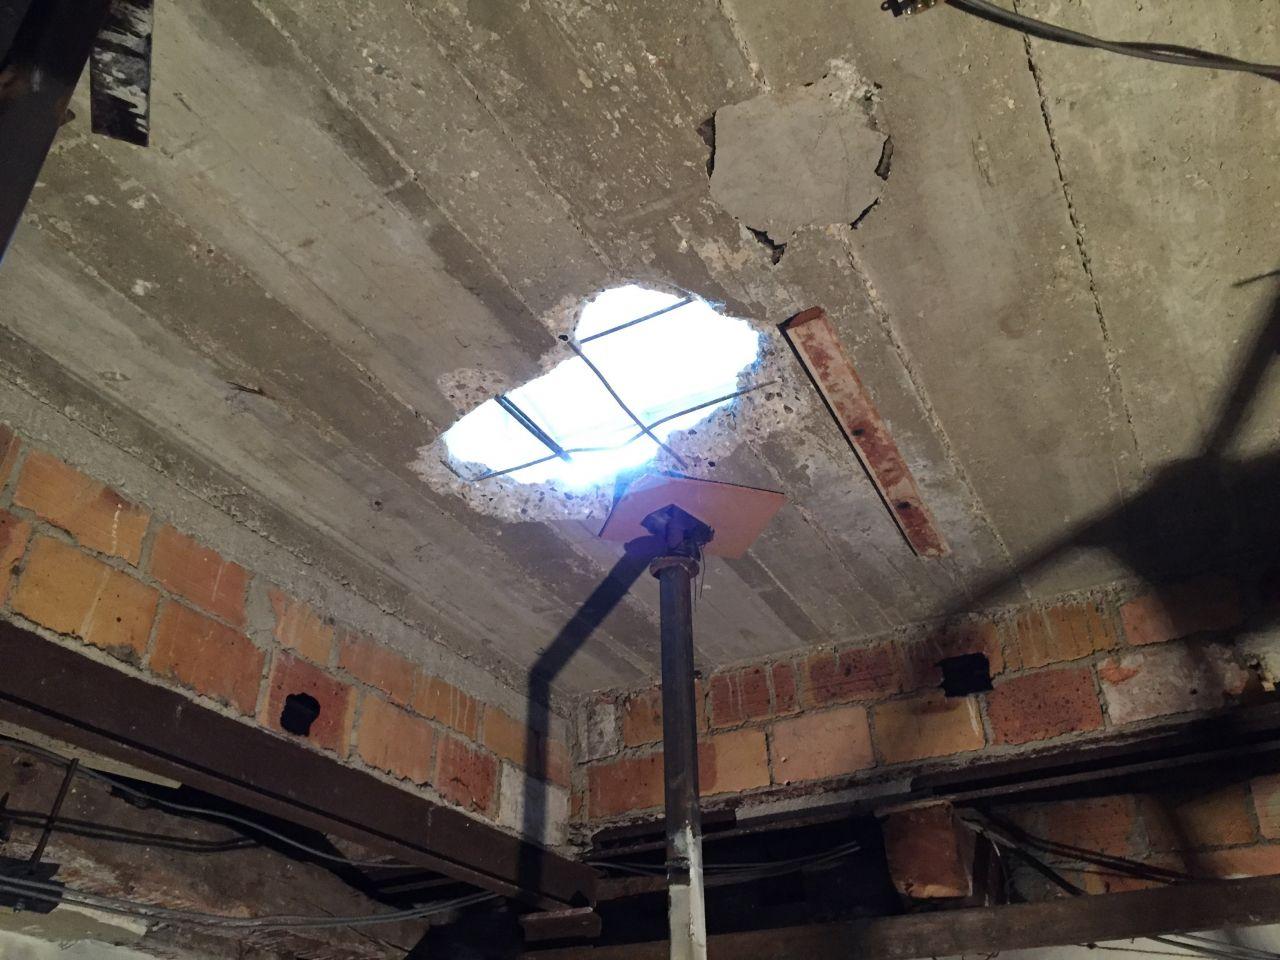 dalle béton étage de 6cm, vue d'en bas, soutenue par un contrefort en brique de 10 portés par des IPN de faible section. J'ai réalisé ce trou pour sonder la dalle.